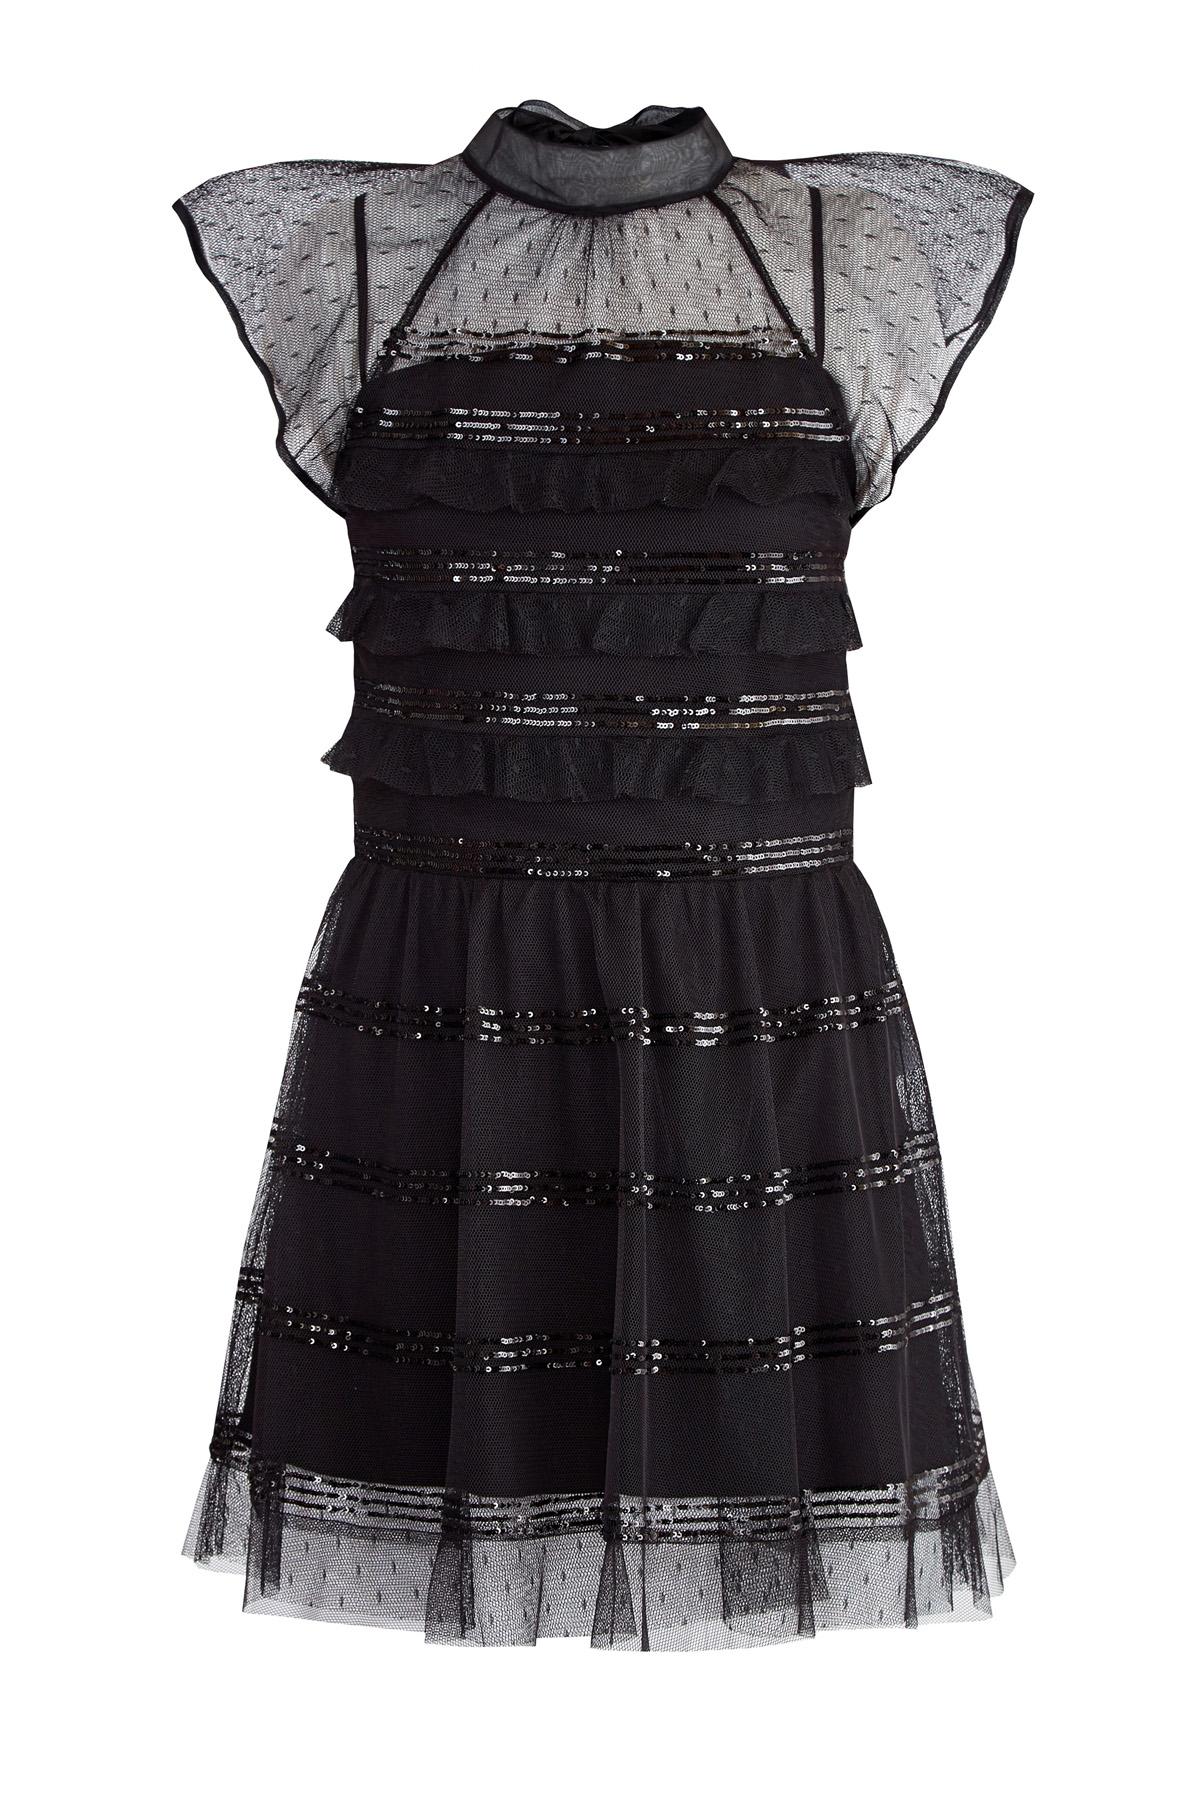 Платье из вуали Пуэн-деспри вышивкой пайетками и бантом на спинке